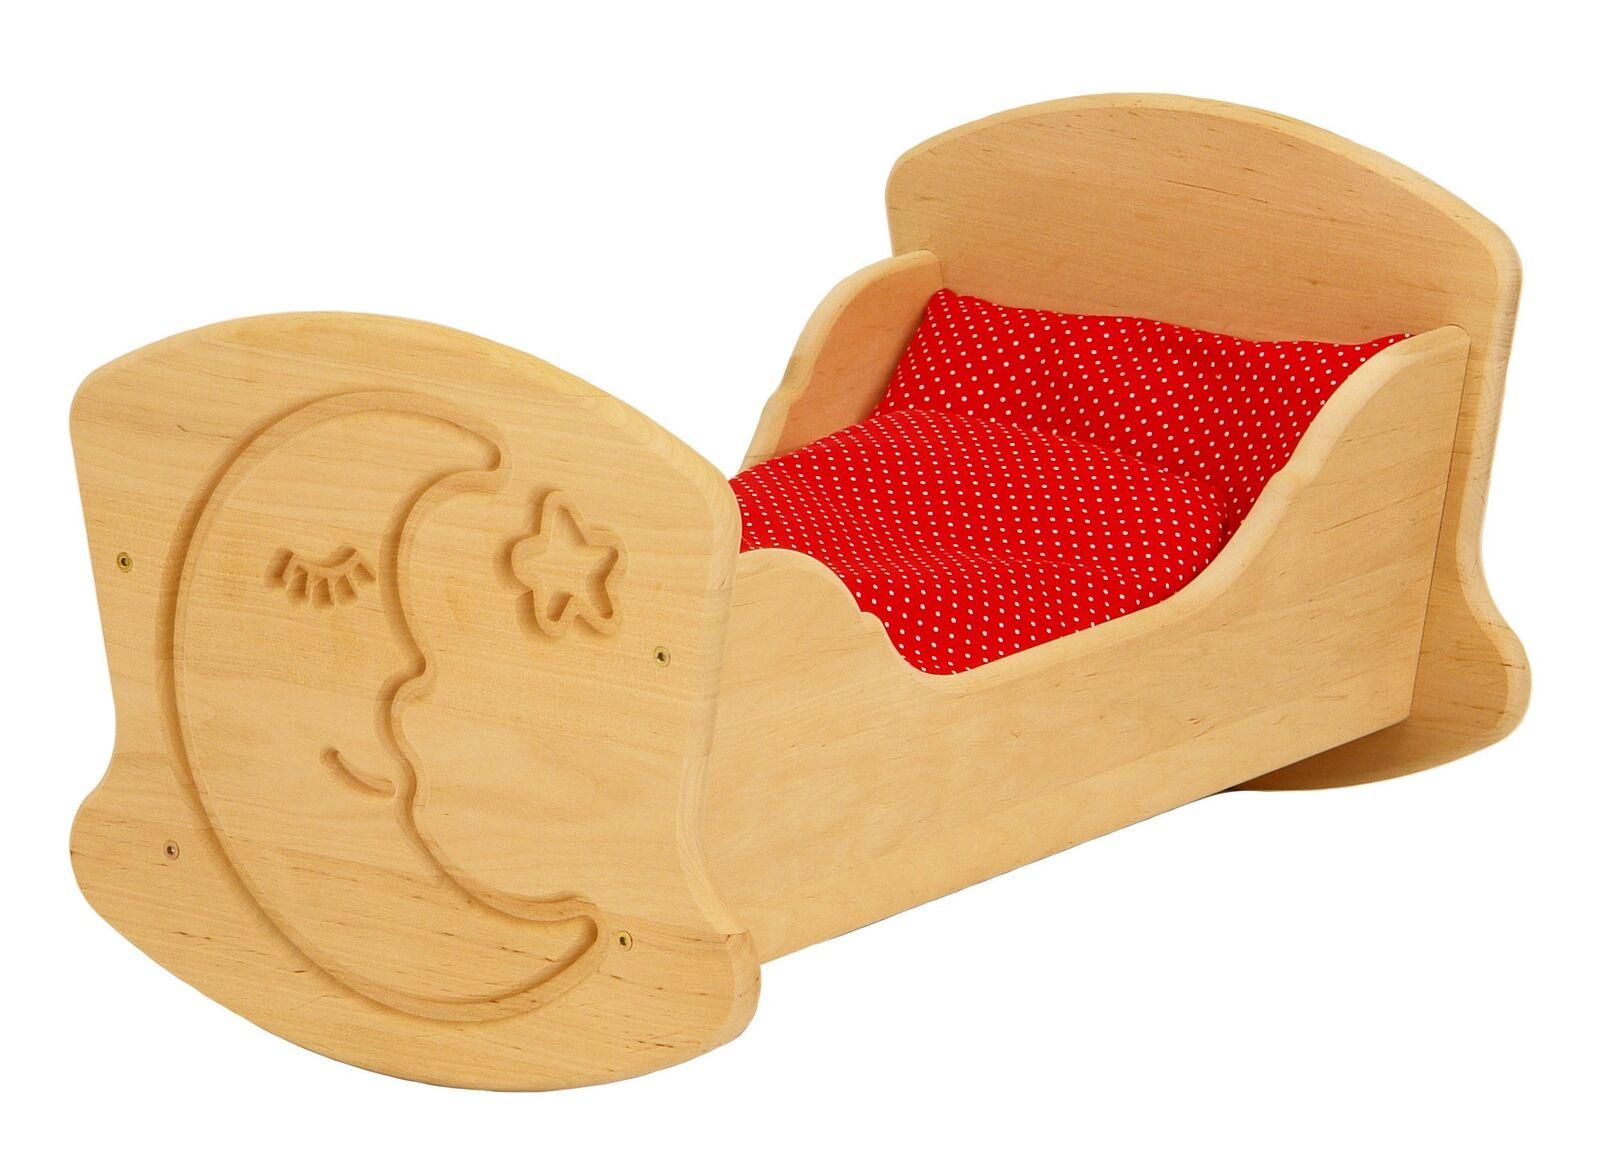 Drewart Puppenwiege aus Holz Puppenbett, Holzspielzeug Holzwiege 933 3015